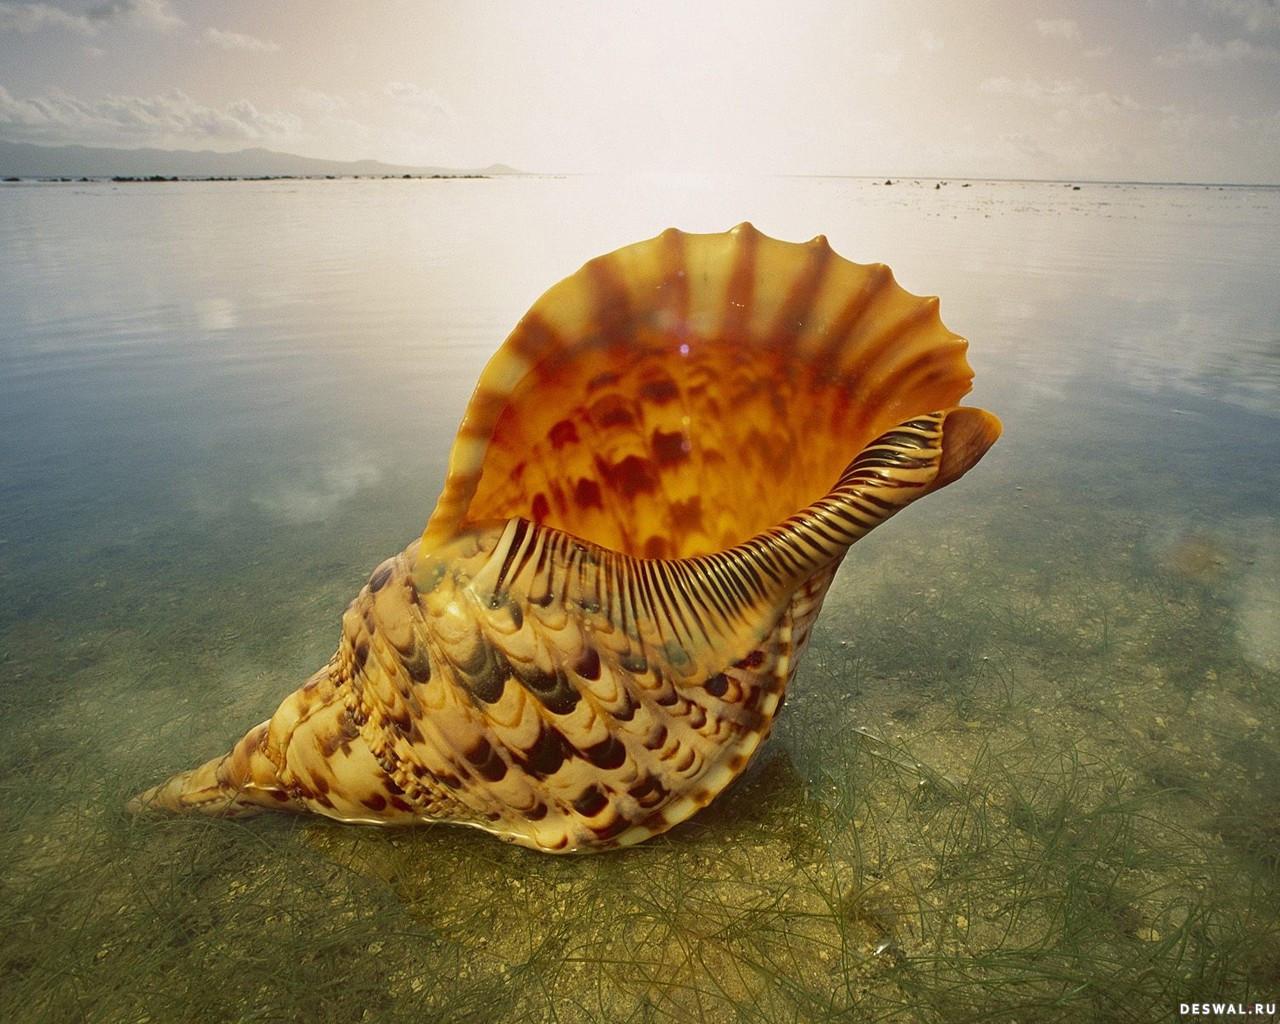 Фото 24. Нажмите на картинку с обоями подводного мира, чтобы просмотреть ее в реальном размере